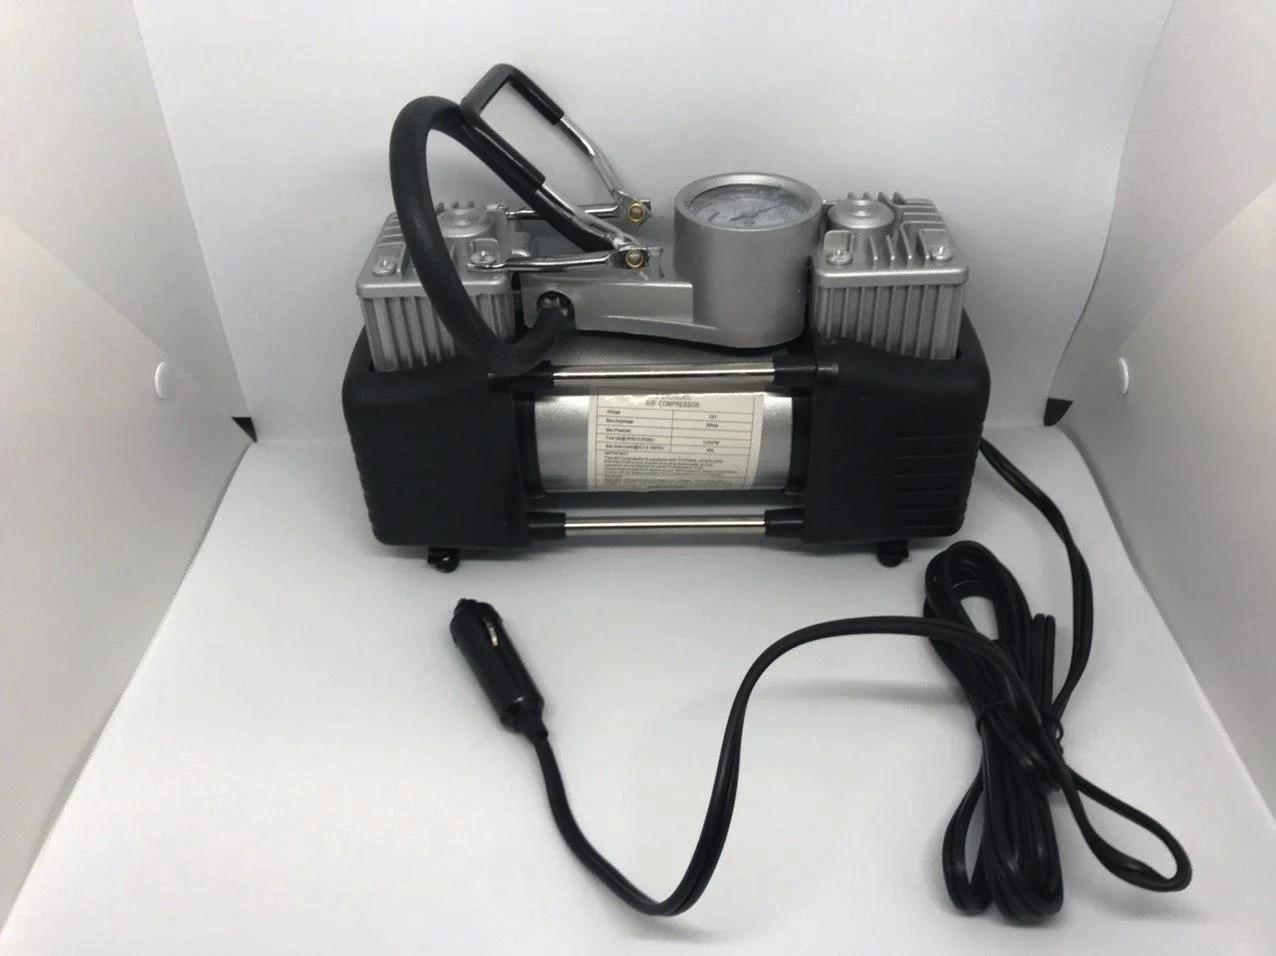 Автомобільний компресор DOUBLE BAR GAS PUMP 12 V, 200 PSI, 628-4*4